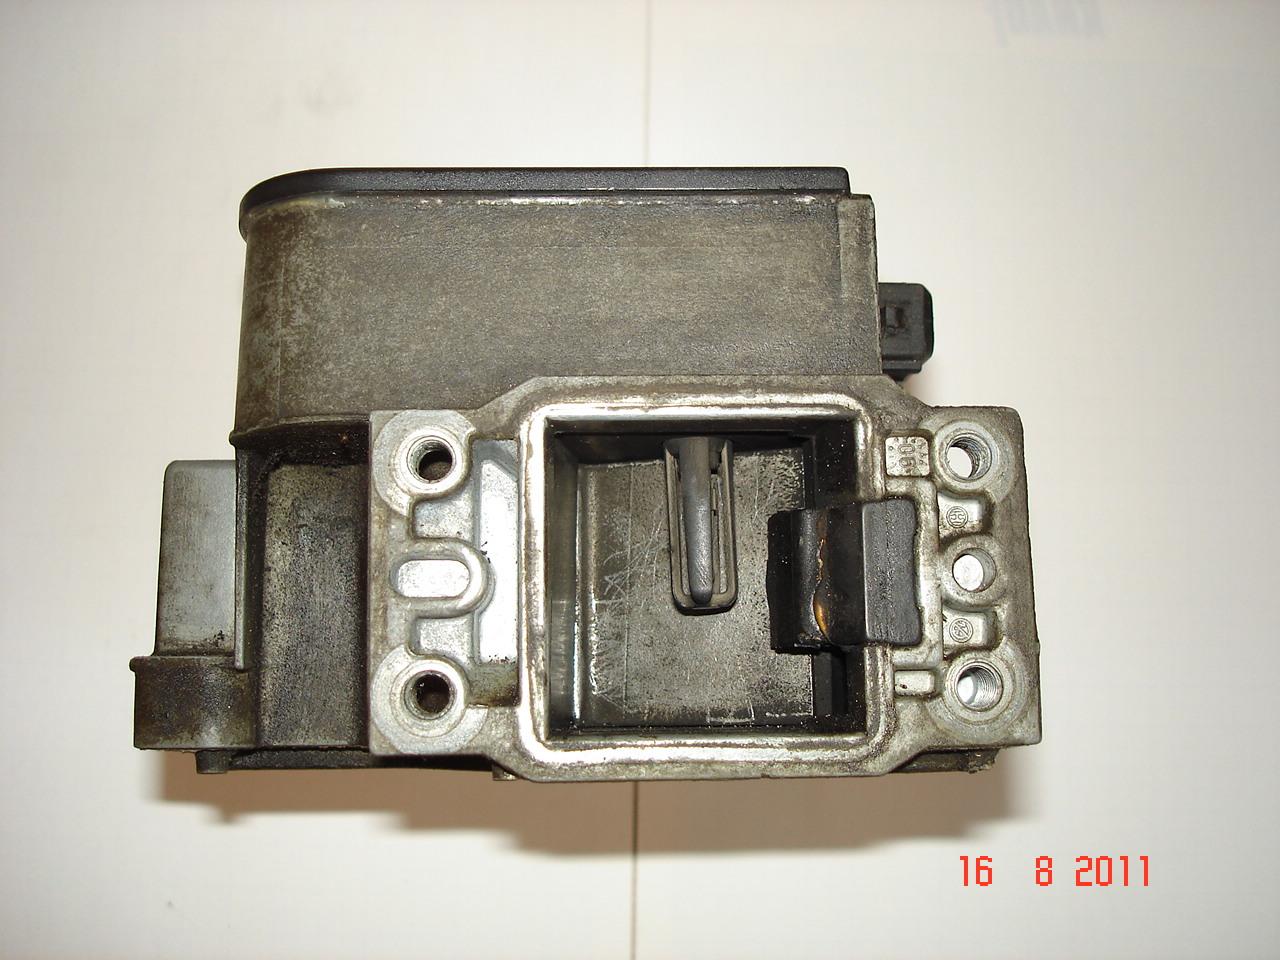 Golf II 1.3 Wielopunkt Po dodaniu gazu na paliwie ga�nie na lpg ok.